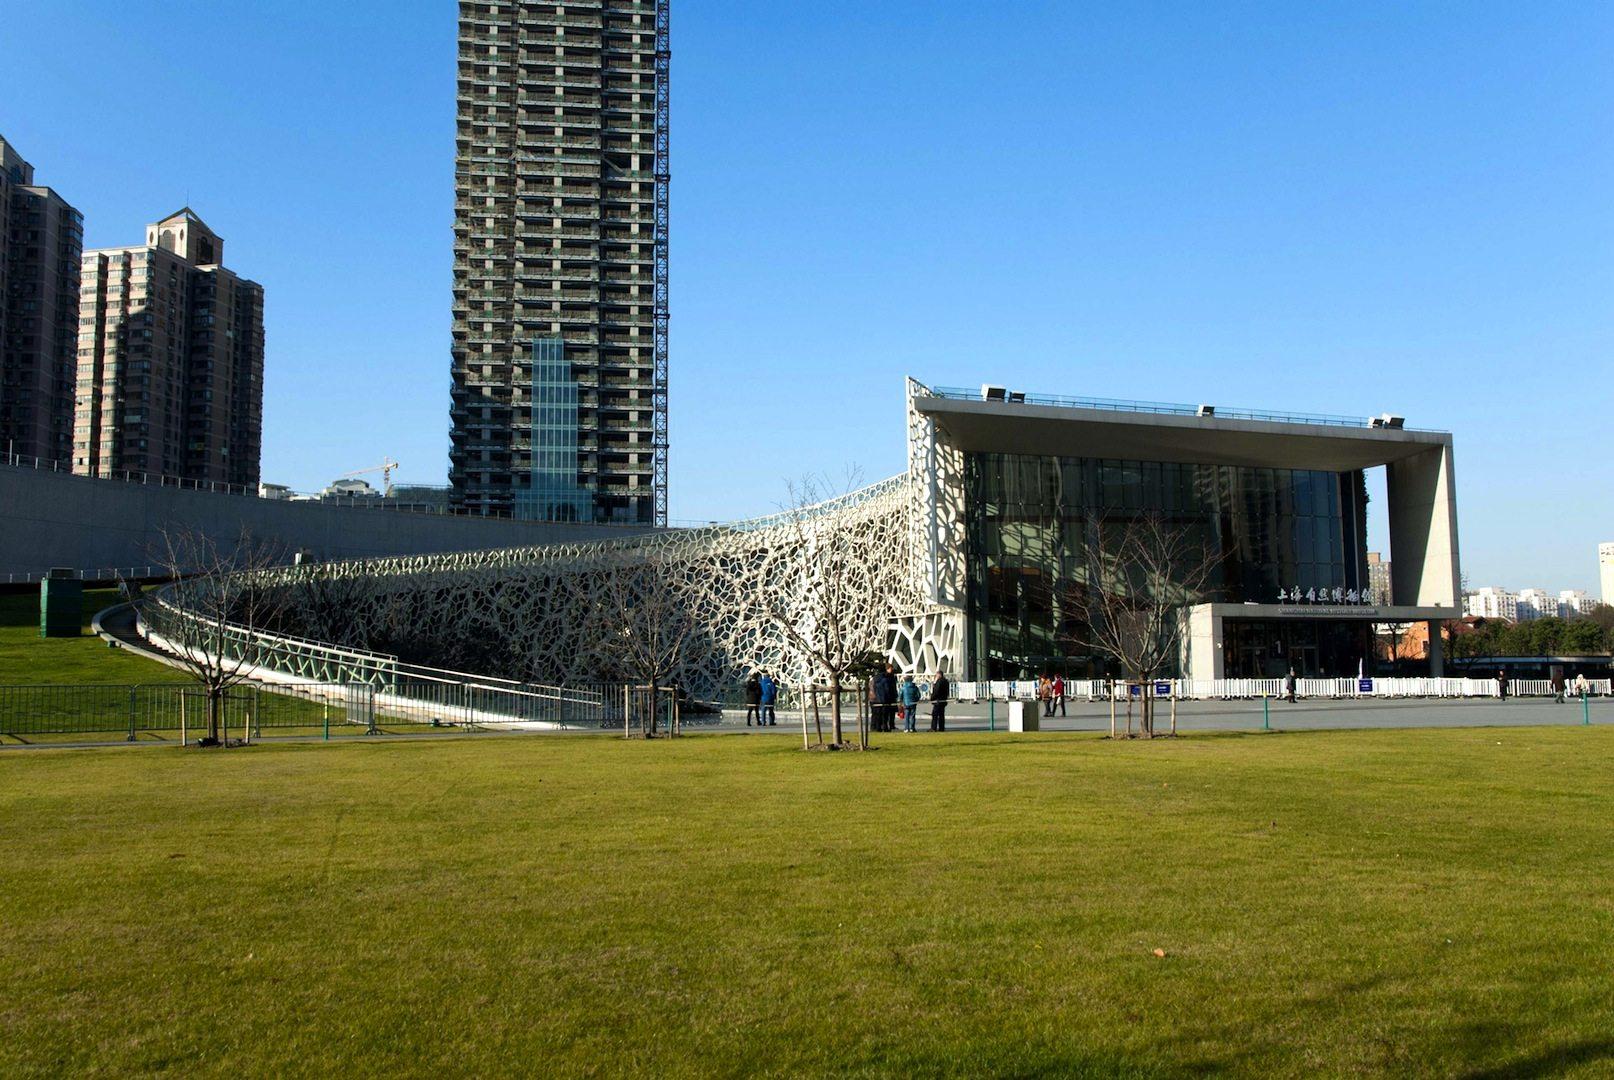 Shanghai Natural History Museum. 2014 –Shanghai, Puxi, Jing'an Sculpture Park. Von Perkins+Will. Inspiriert von der Struktur einer Nautilus-Hülle, kann man in dem Gebäude viele Elemente der Natur wiedererkennen. So wird zum Beispiel das Tageslicht durch eine der Natur nachempfundenen Glaskonstruktion gefiltert und zu einer natürlicheren Erhellung der Räumlichkeiten genutzt.